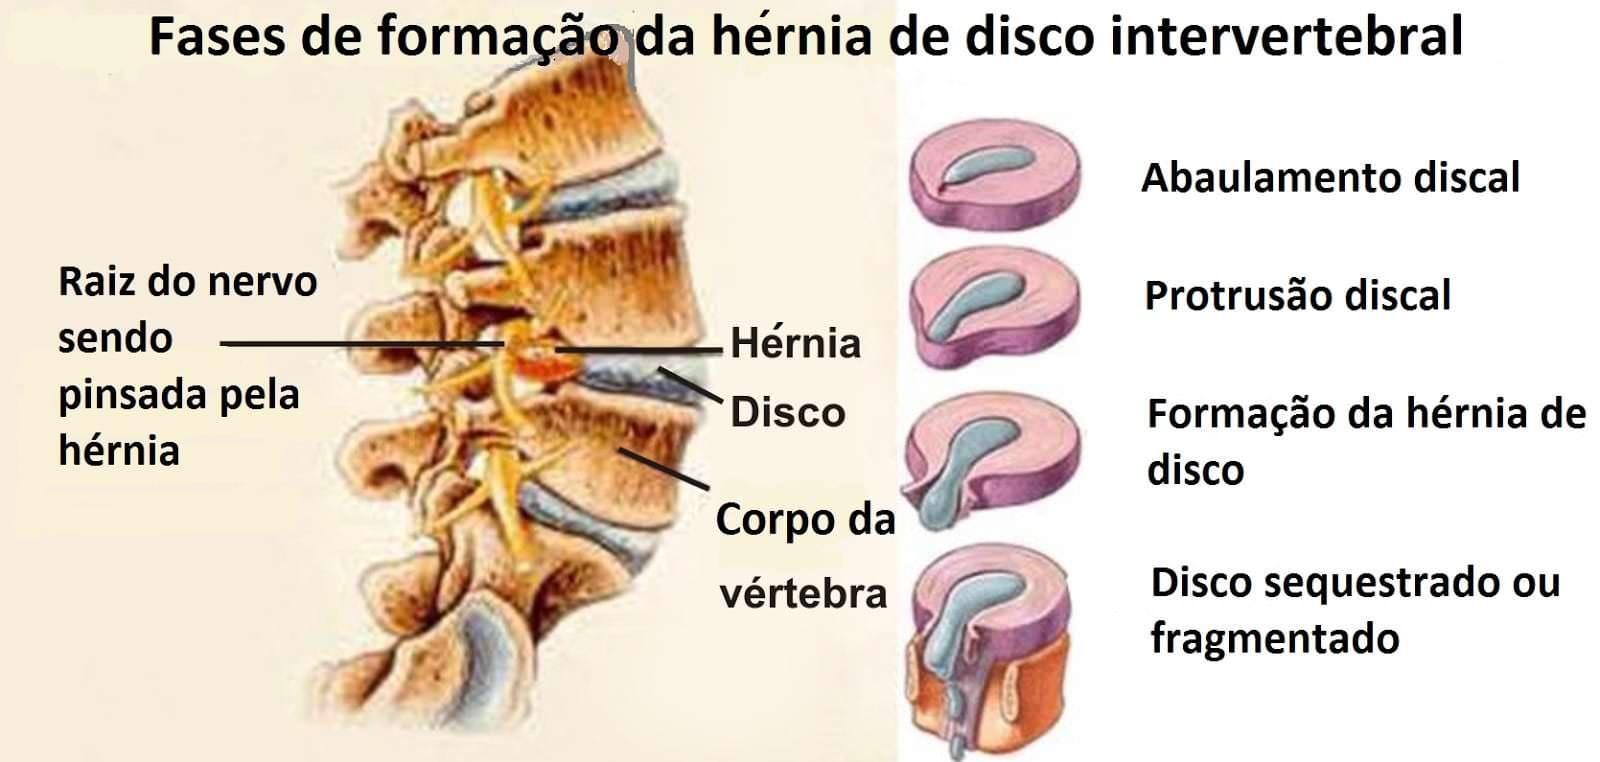 fases hernia discal